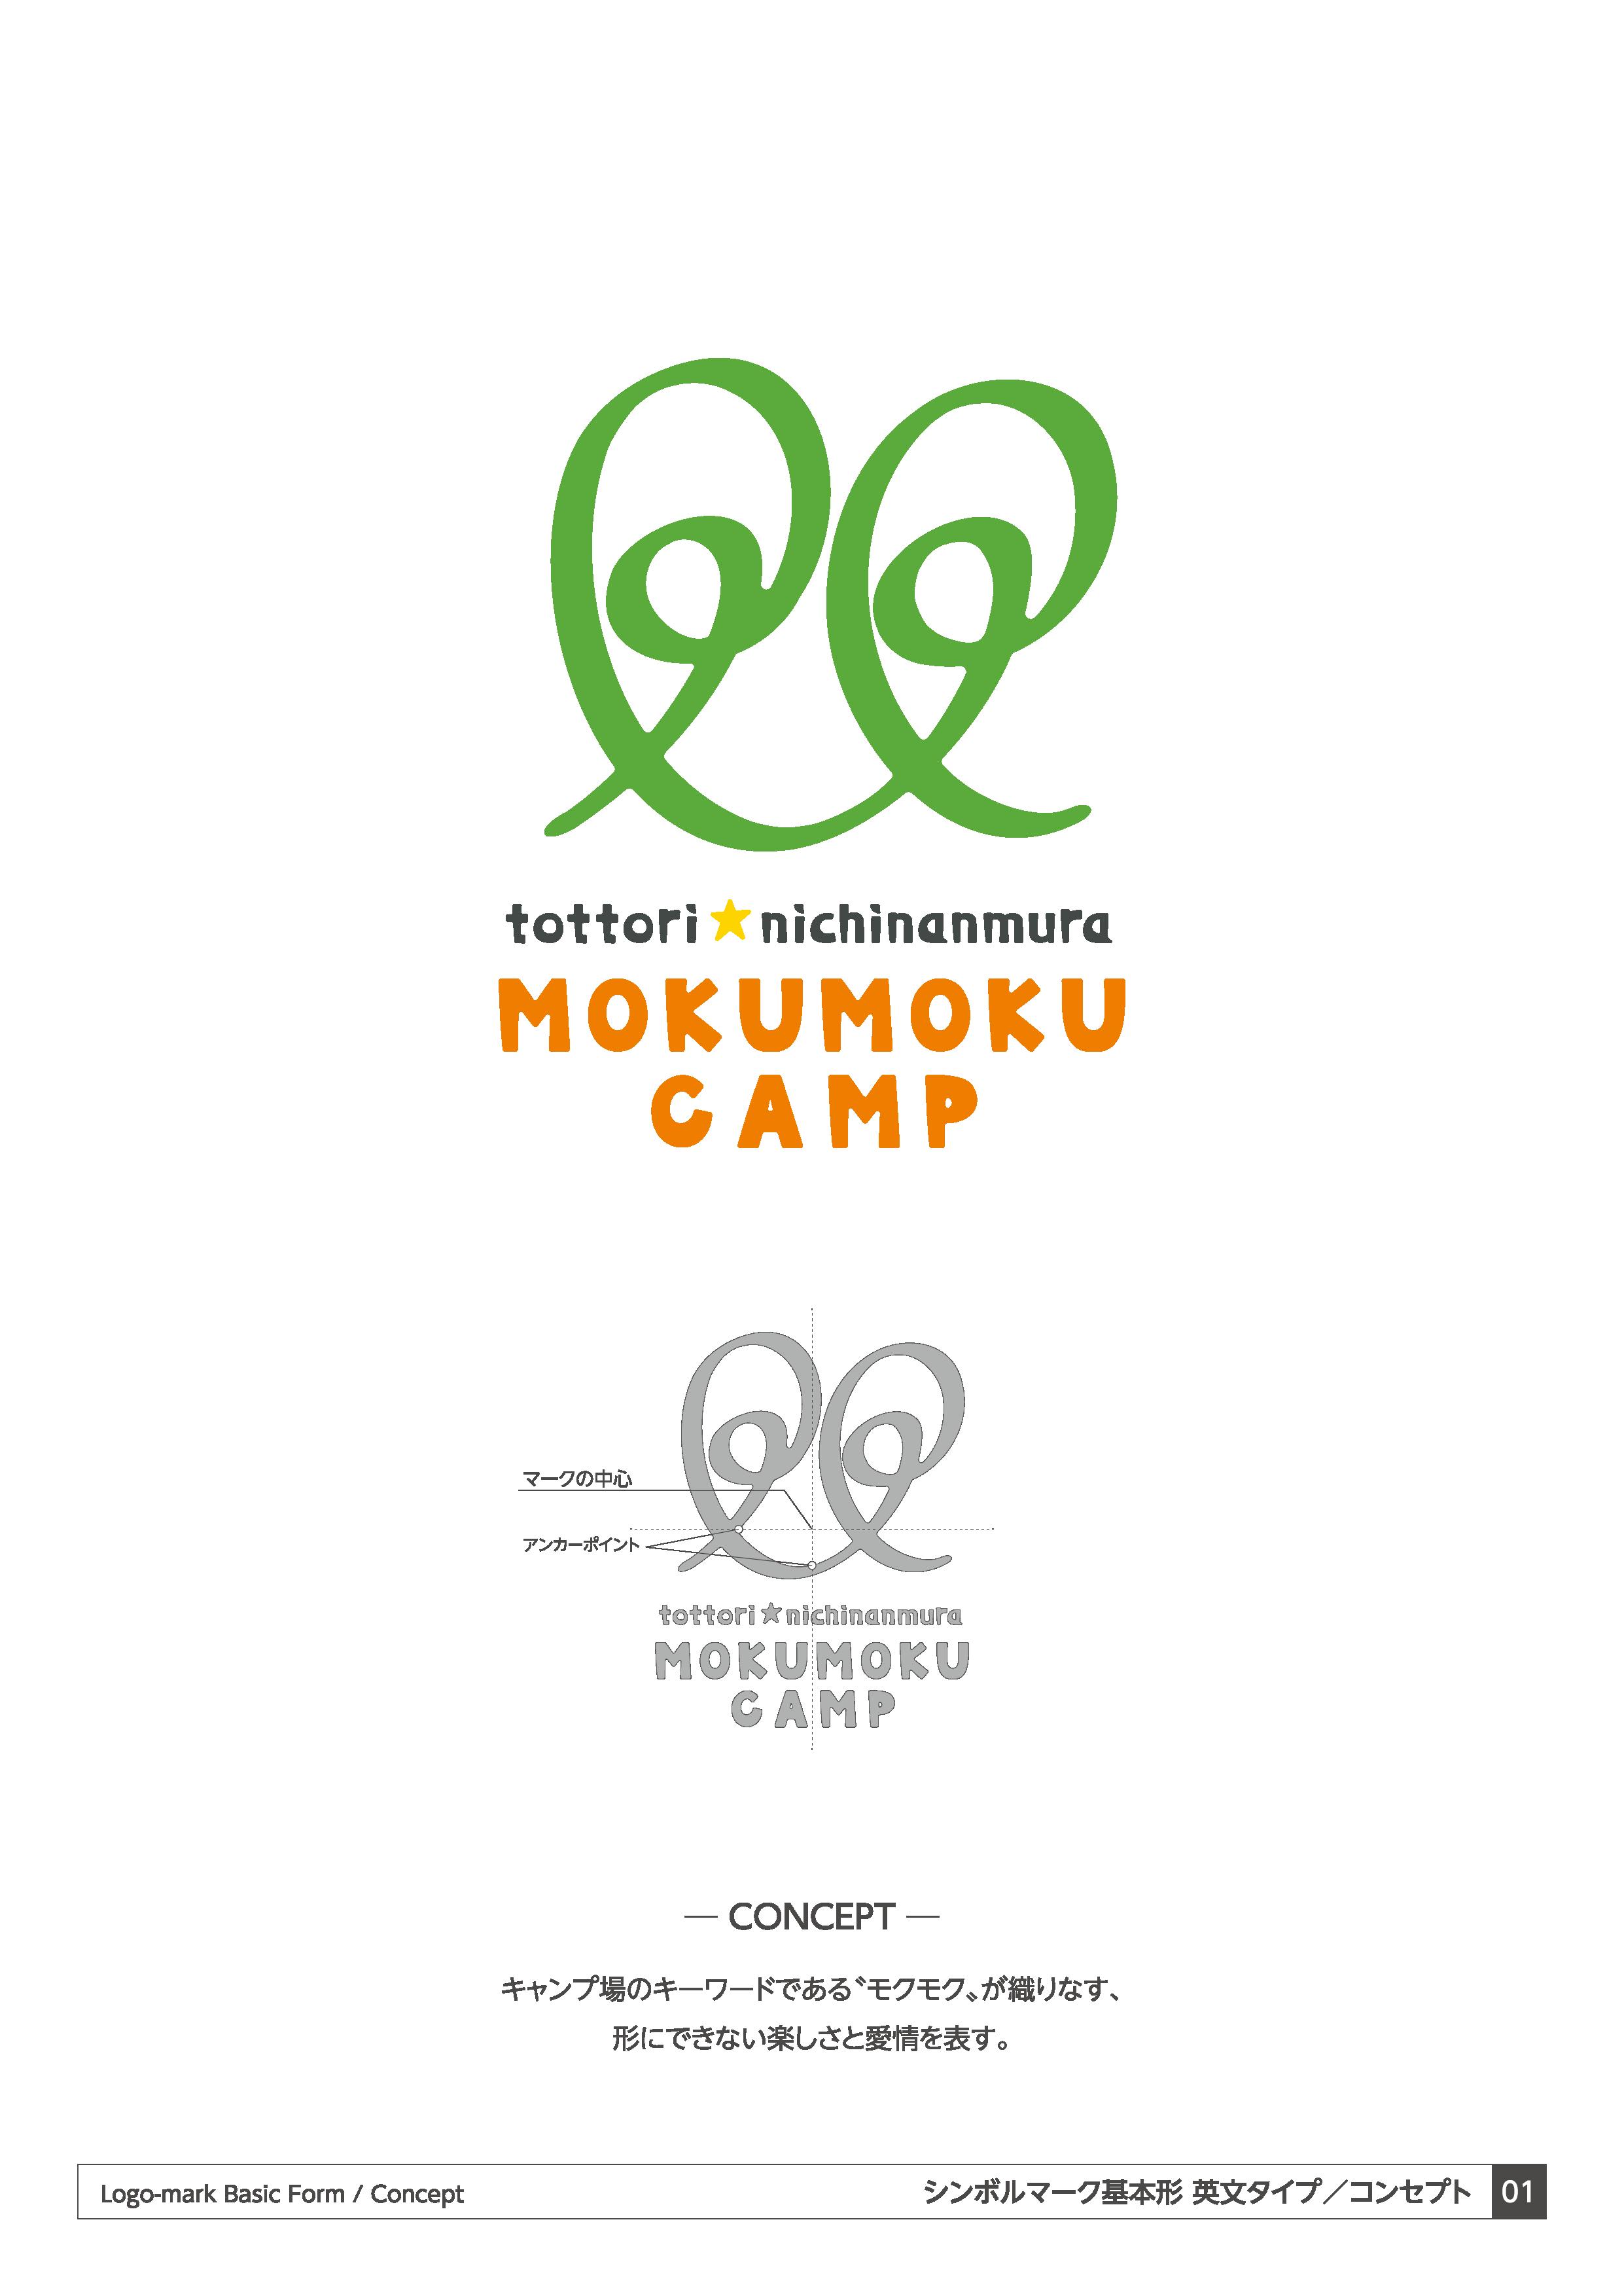 鳥取にちなんむらモクモクキャンプ-ロゴマーク02